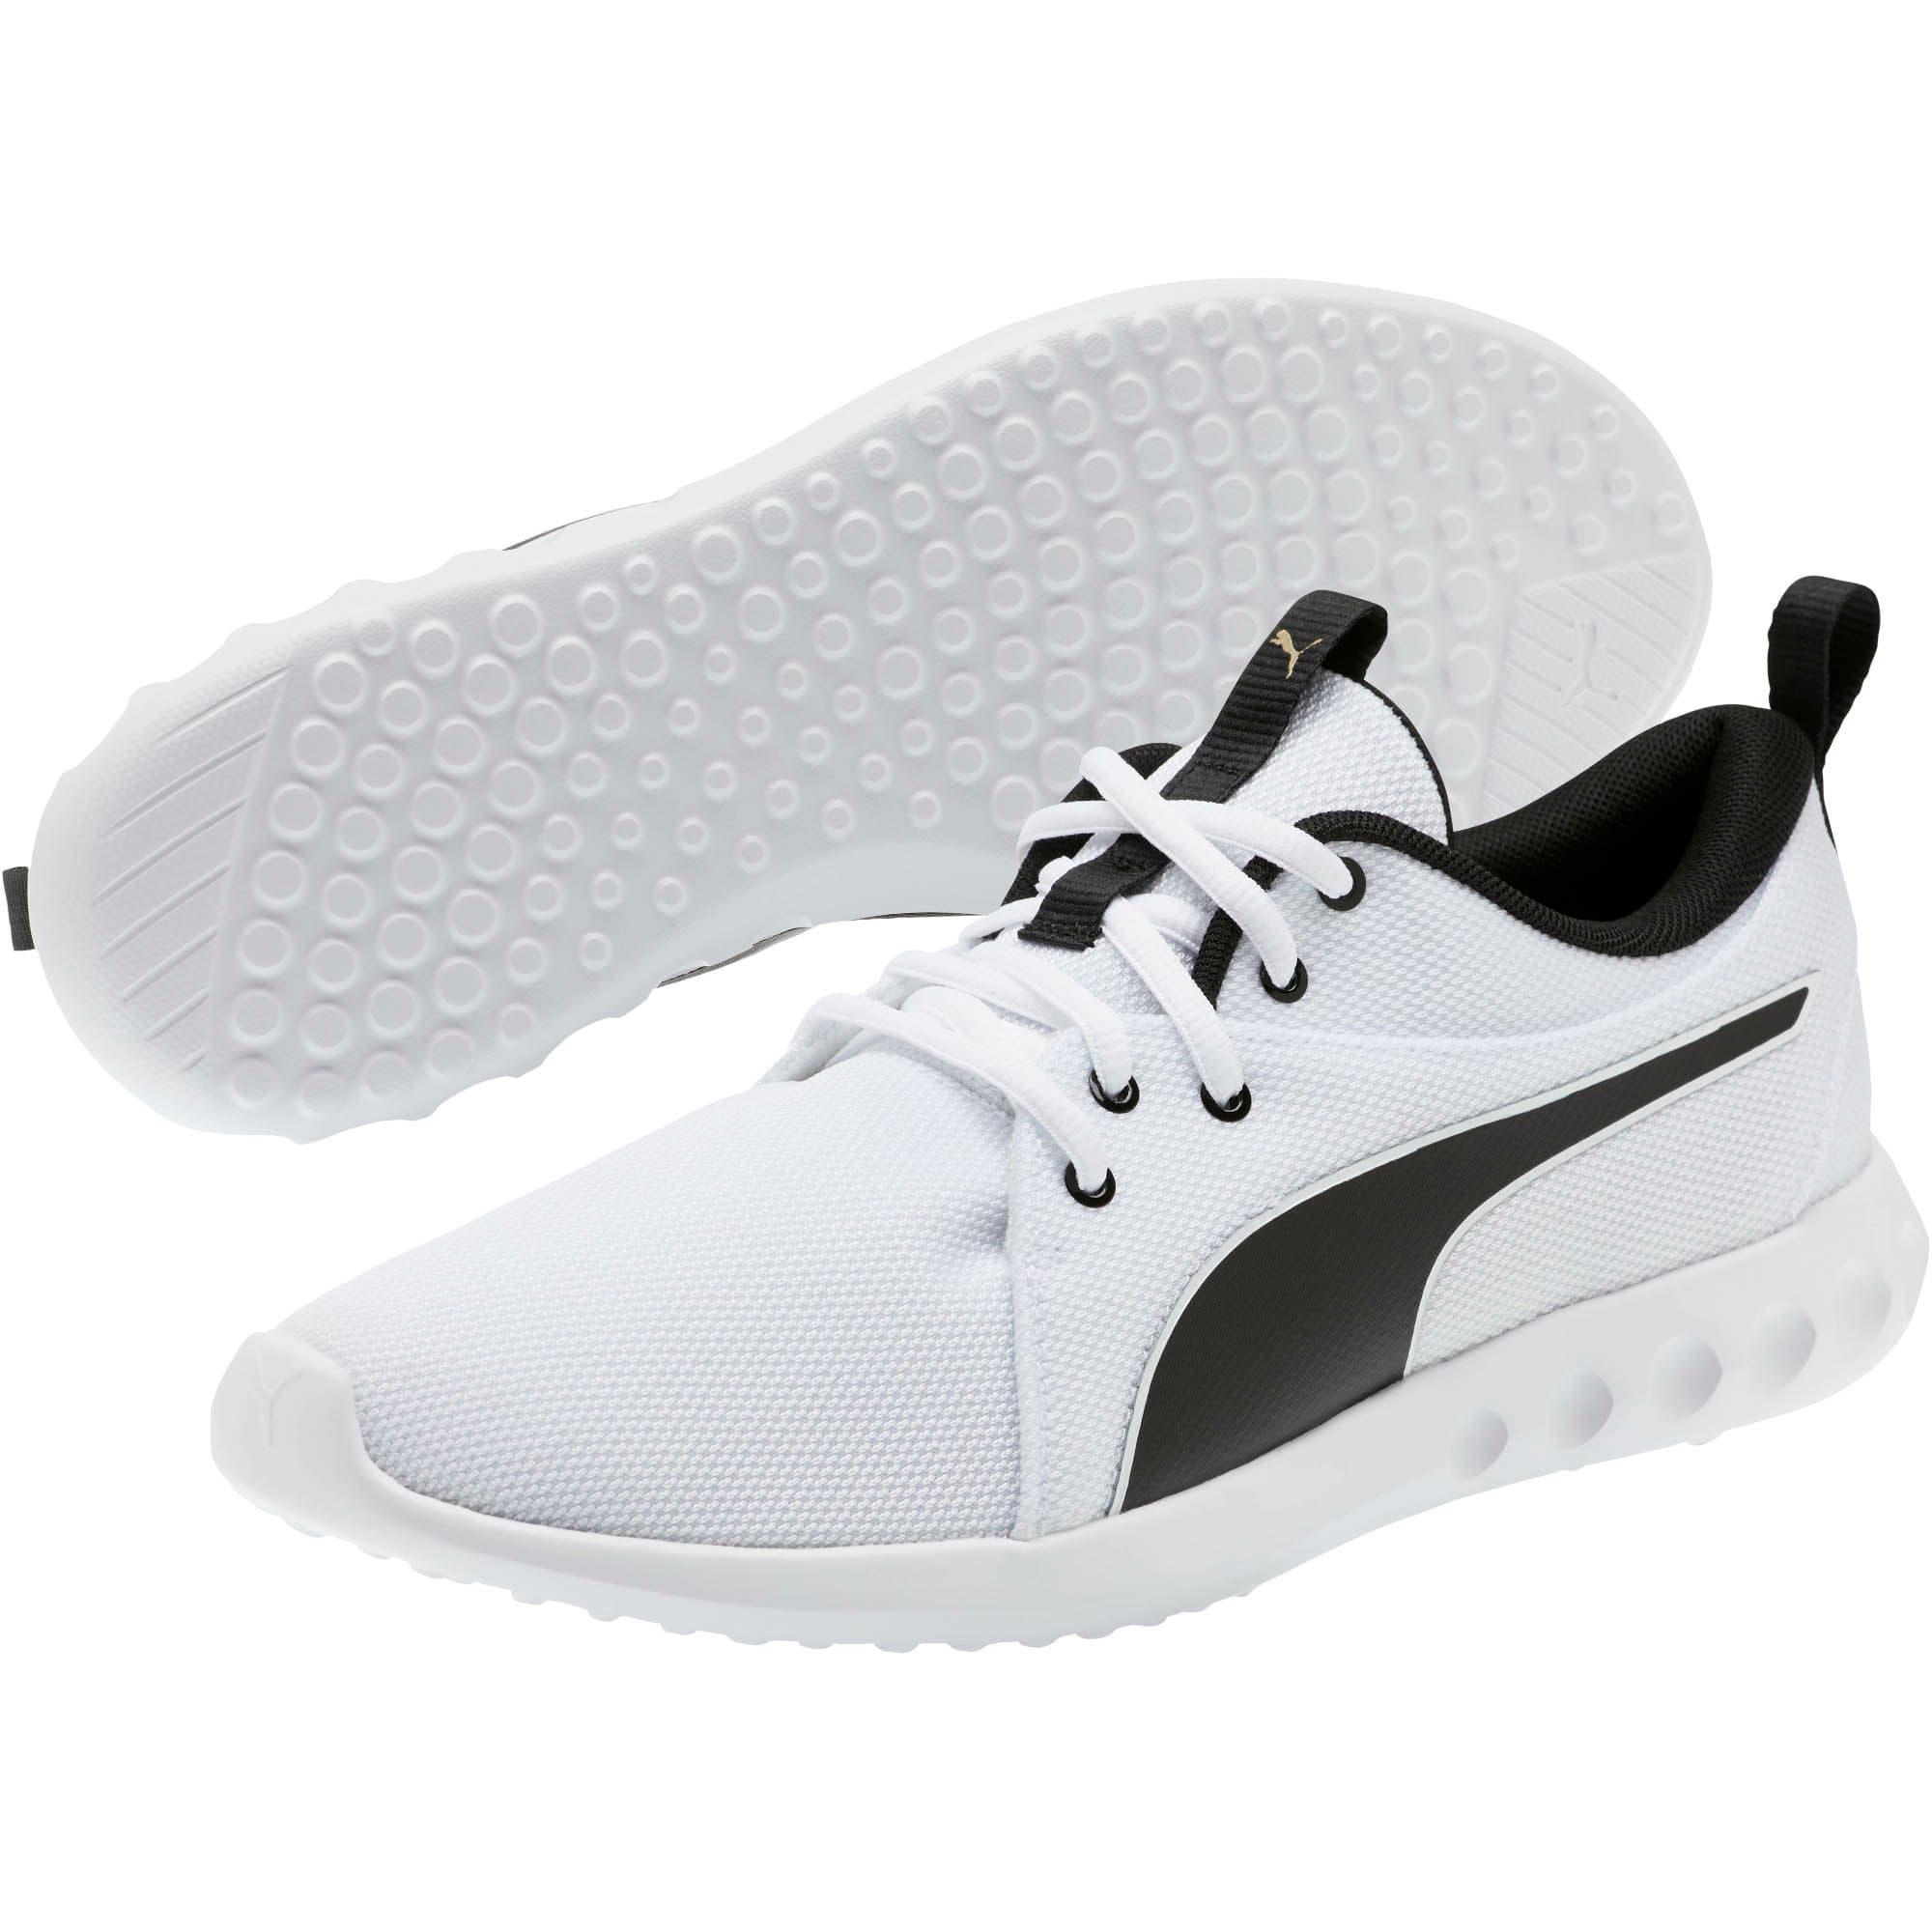 Miniatura 2 de Zapatos para correr Carson 2 Cosmo para hombre, Puma White-Metallic Gold, mediano